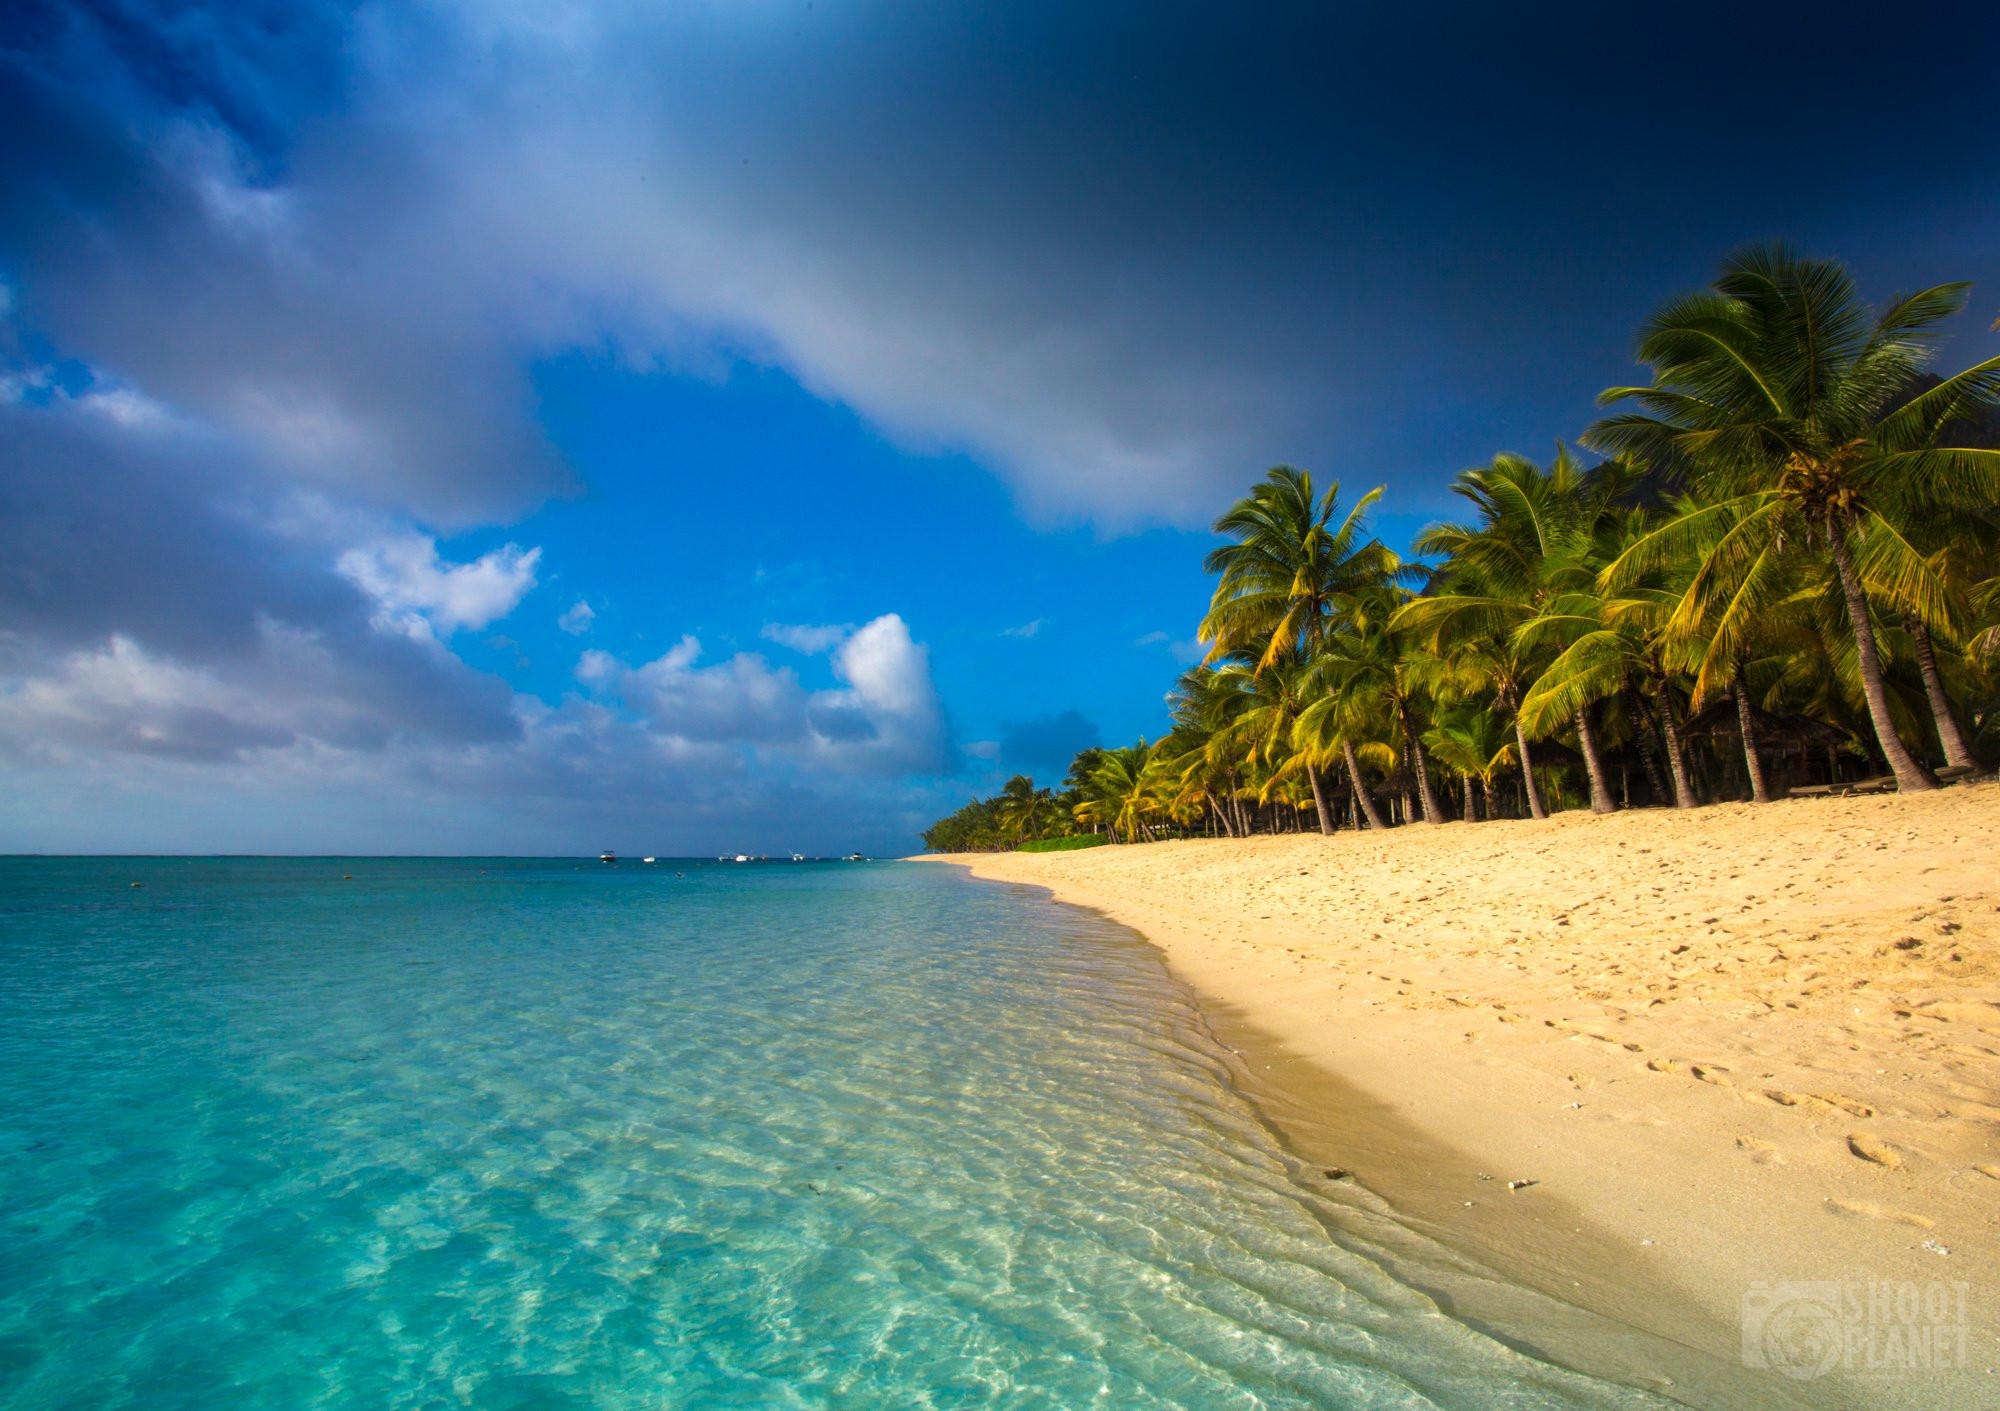 White sand beach and Indian Ocean, Mauritius